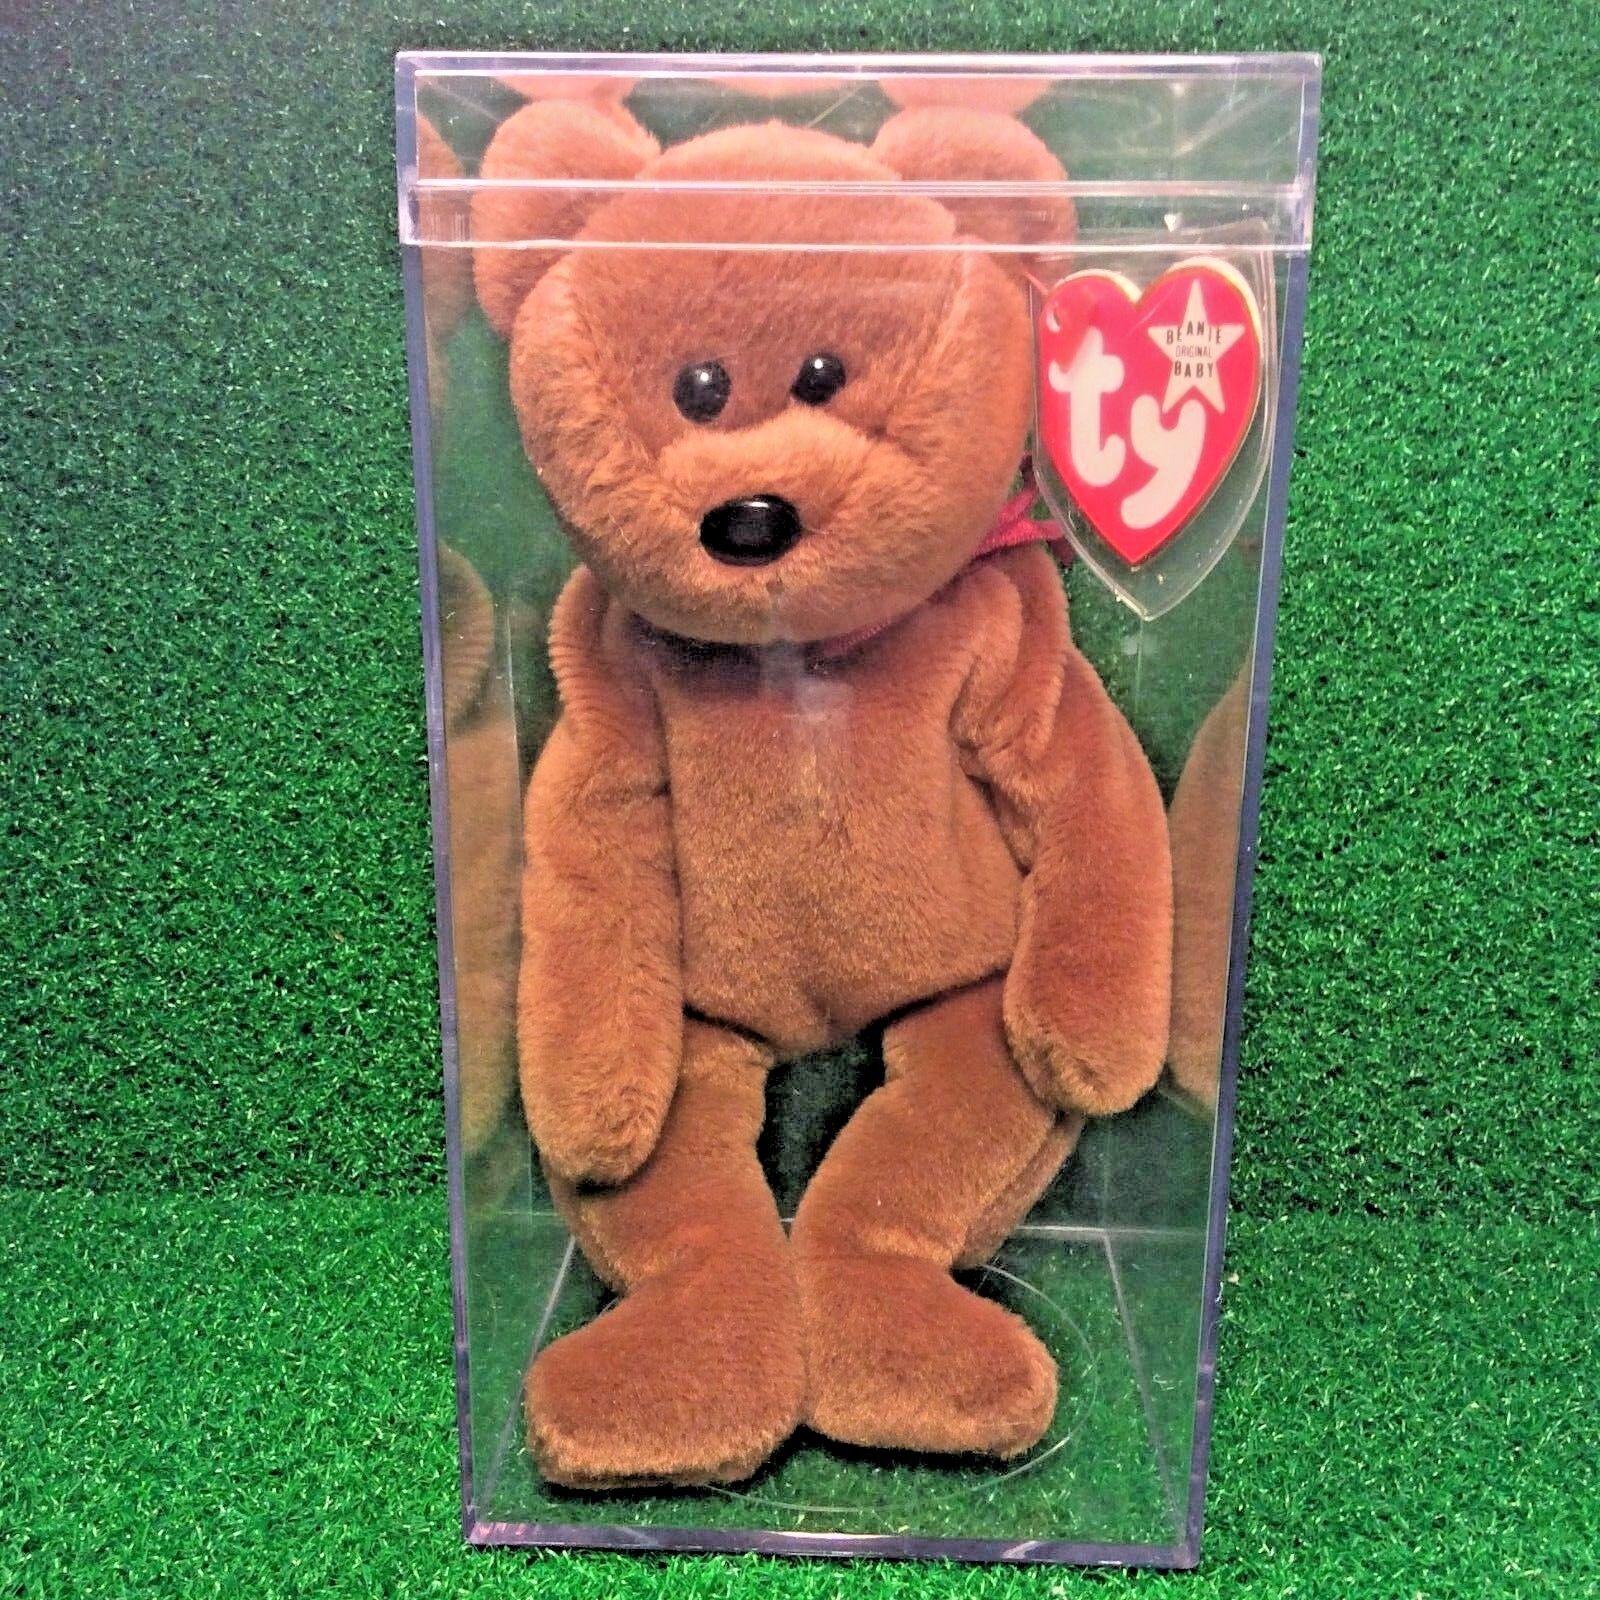 Fast ausgestorben 1993 ty beanie baby teddy Weiß star pvc - kanadischen hintern mwmt